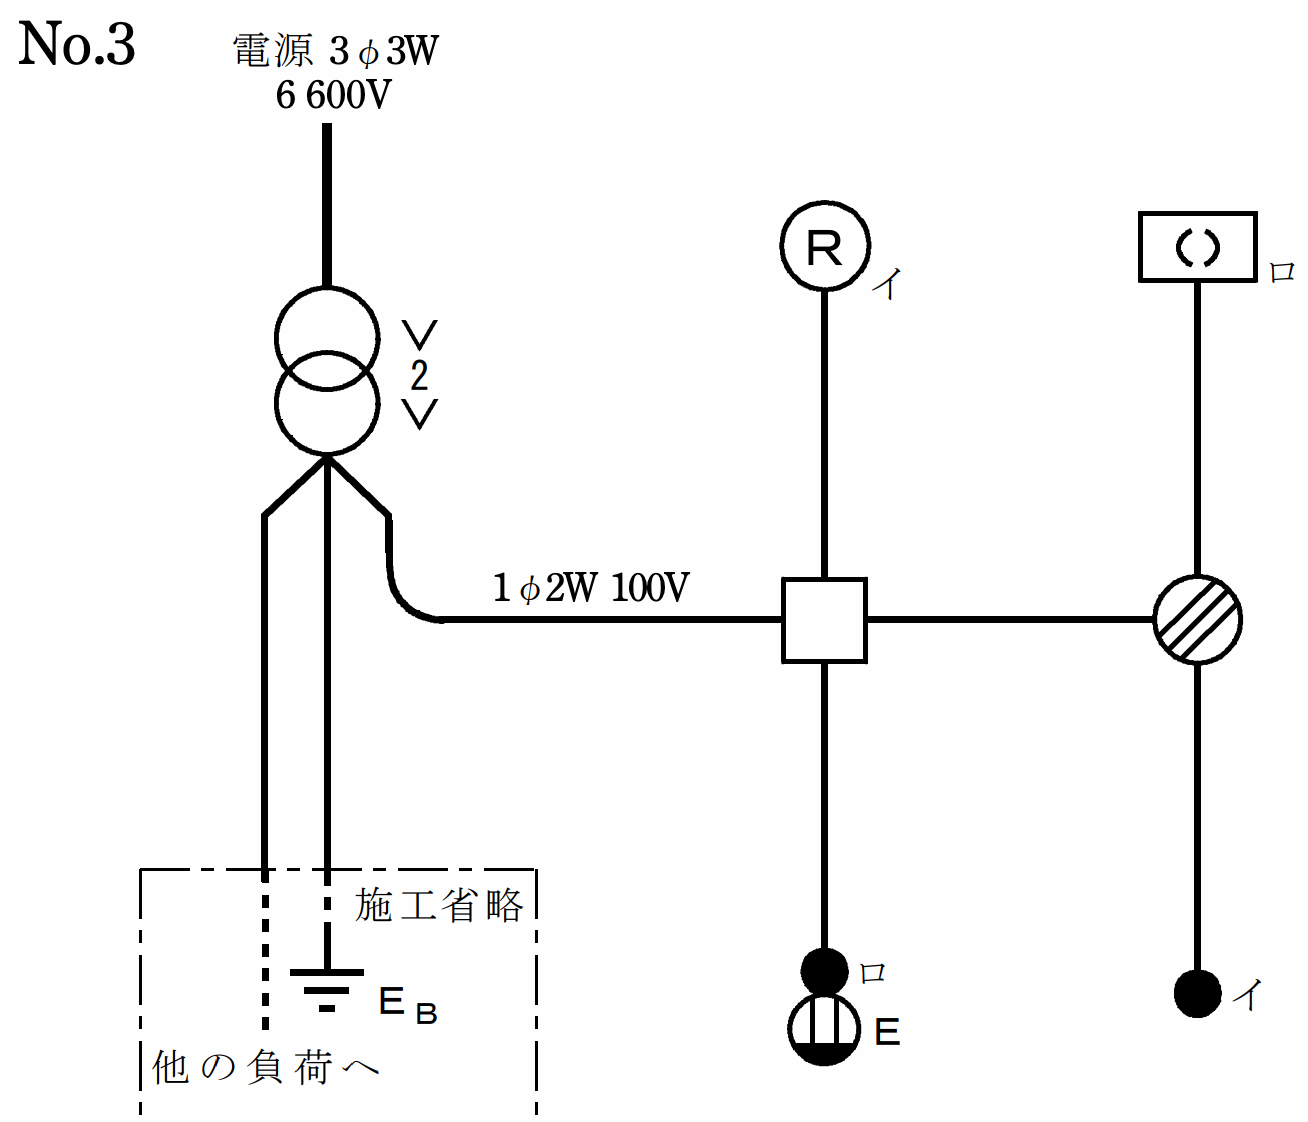 第一種電気工事士の技能試験の候補問題No.3